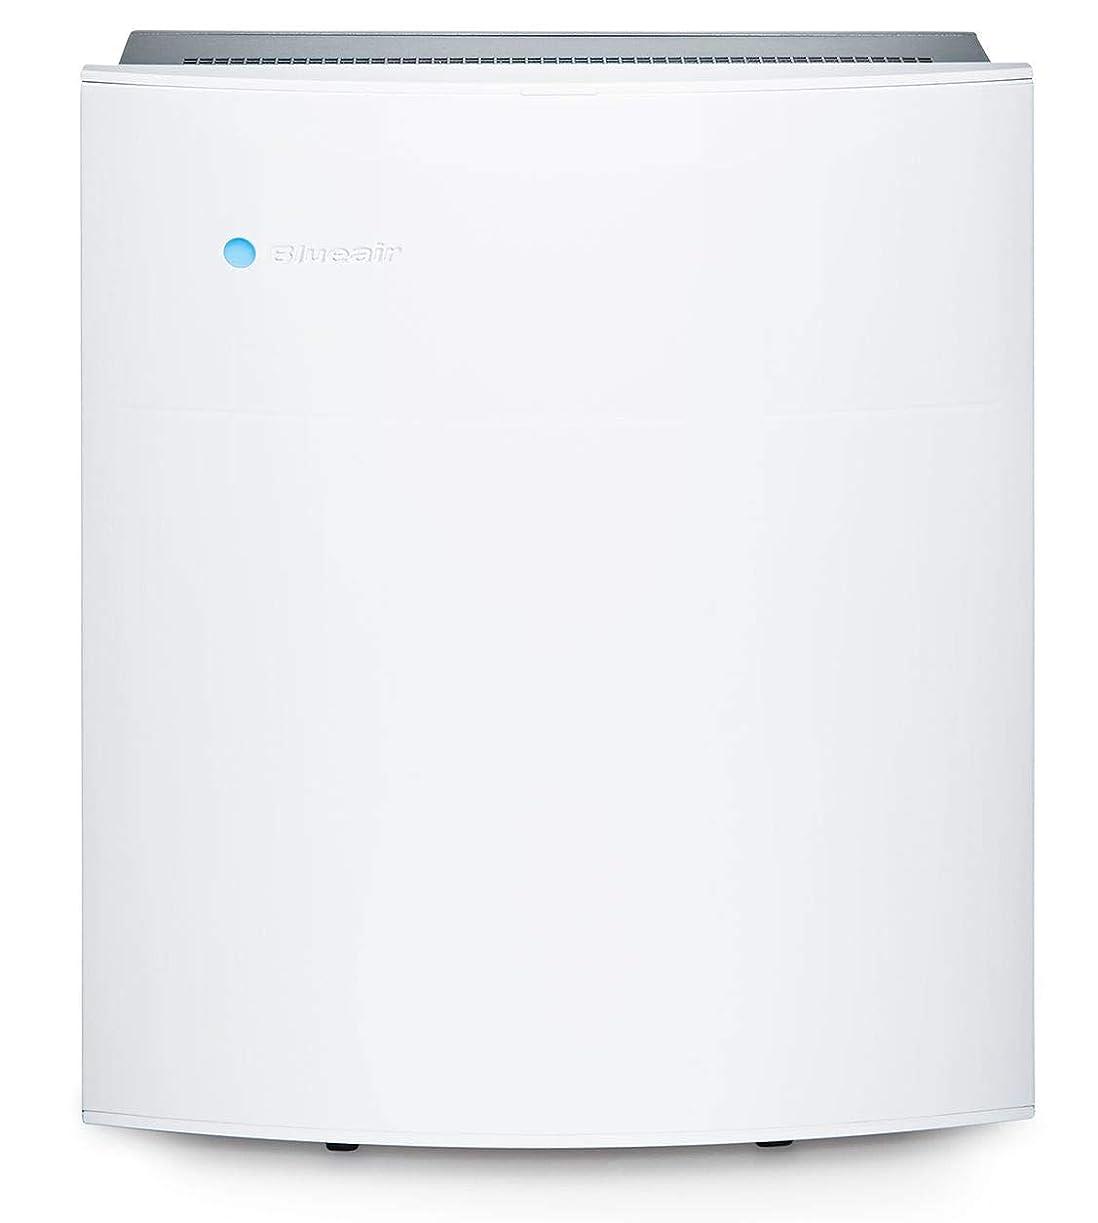 回復する発揮する障害ブルーエア 空気清浄機 Classic 280i 25畳 花粉 PM2.5 ハウスダスト 細菌 ウイルス タバコ ペット 0.1μm 99.97% Wi-fi対応 200138